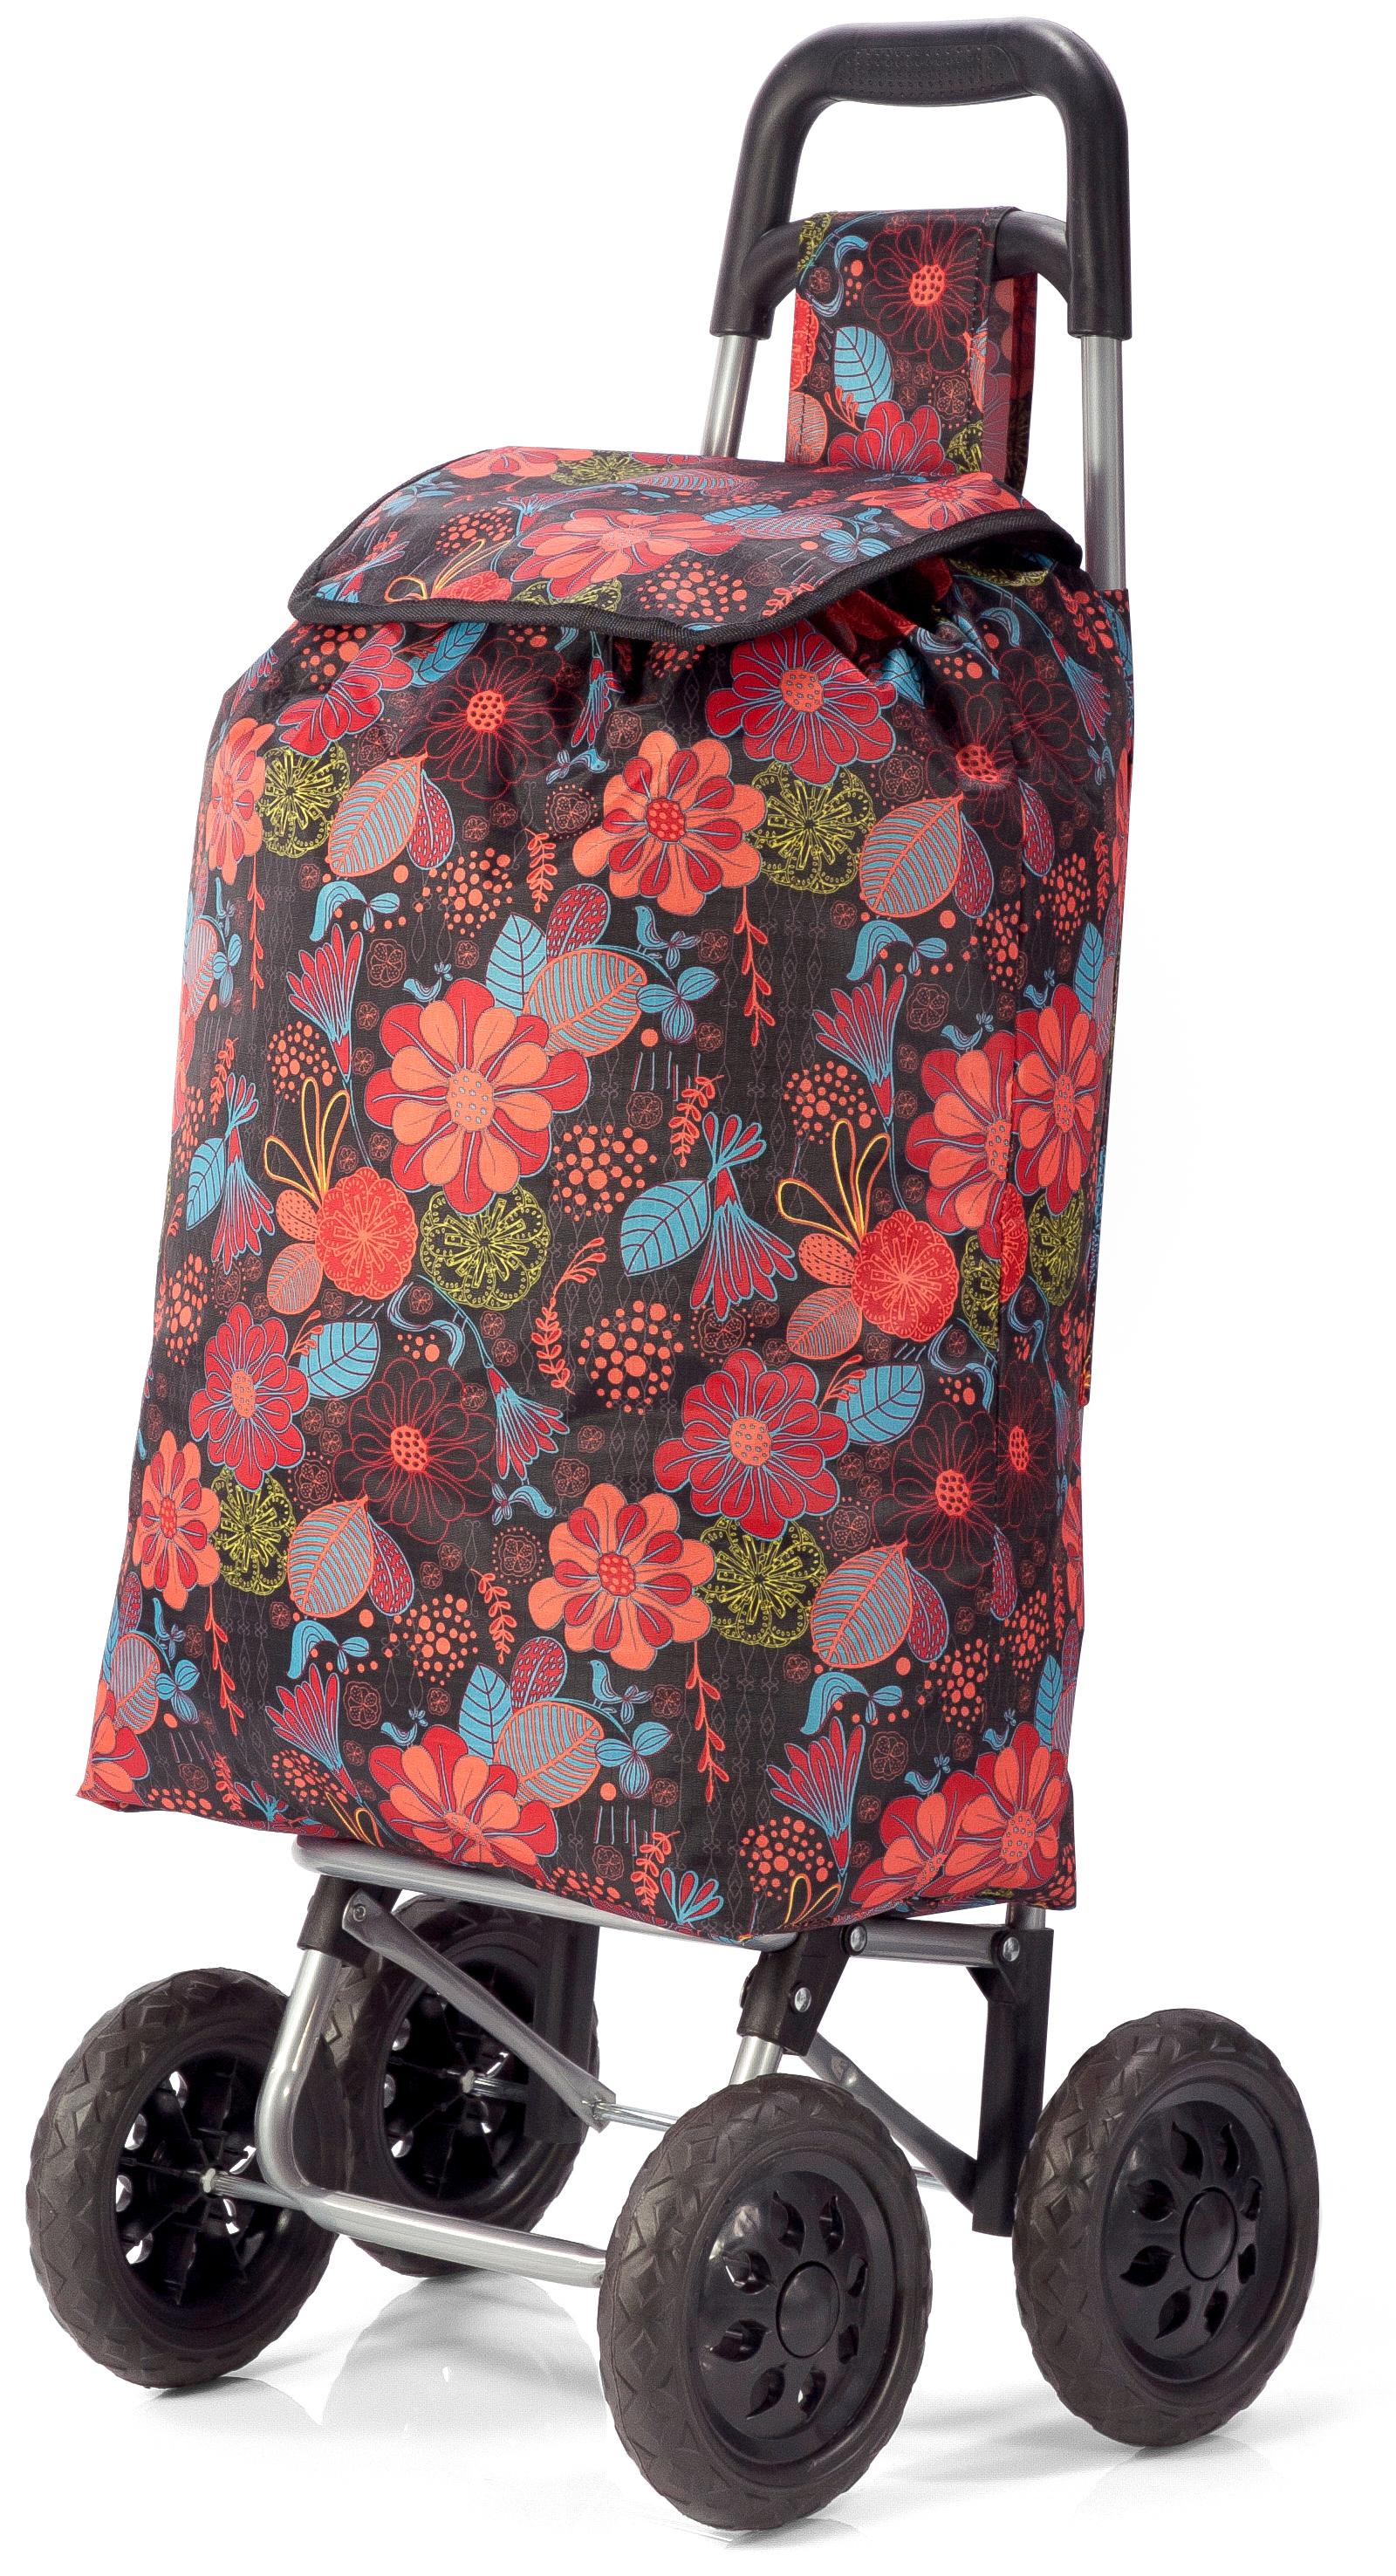 Καρότσι Λαϊκής Με Λουλούδια benzi 5049 – benzi – BZ-5049-BROWN